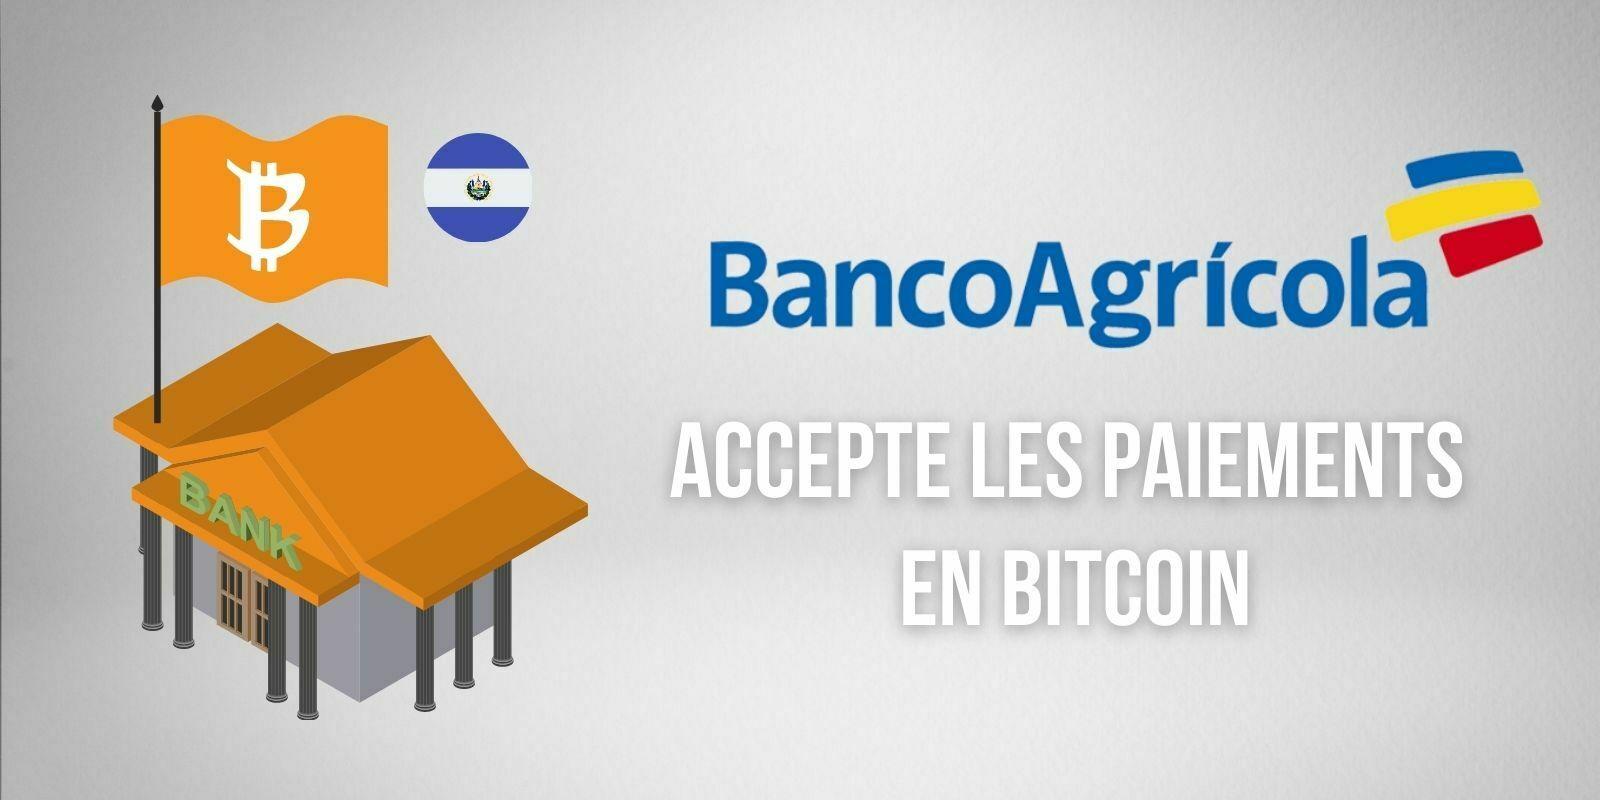 La plus grande banque du Salvador accepte désormais les paiements en bitcoins (BTC)